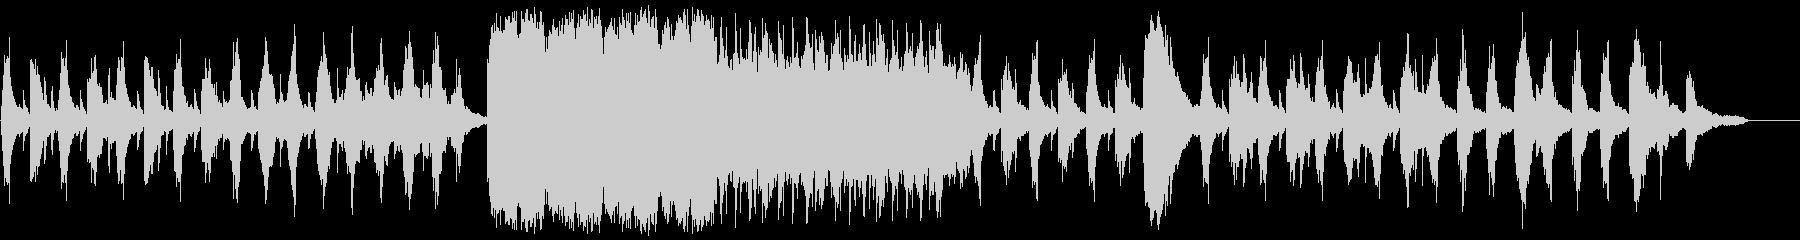 繊細に流れるピアノ曲の未再生の波形